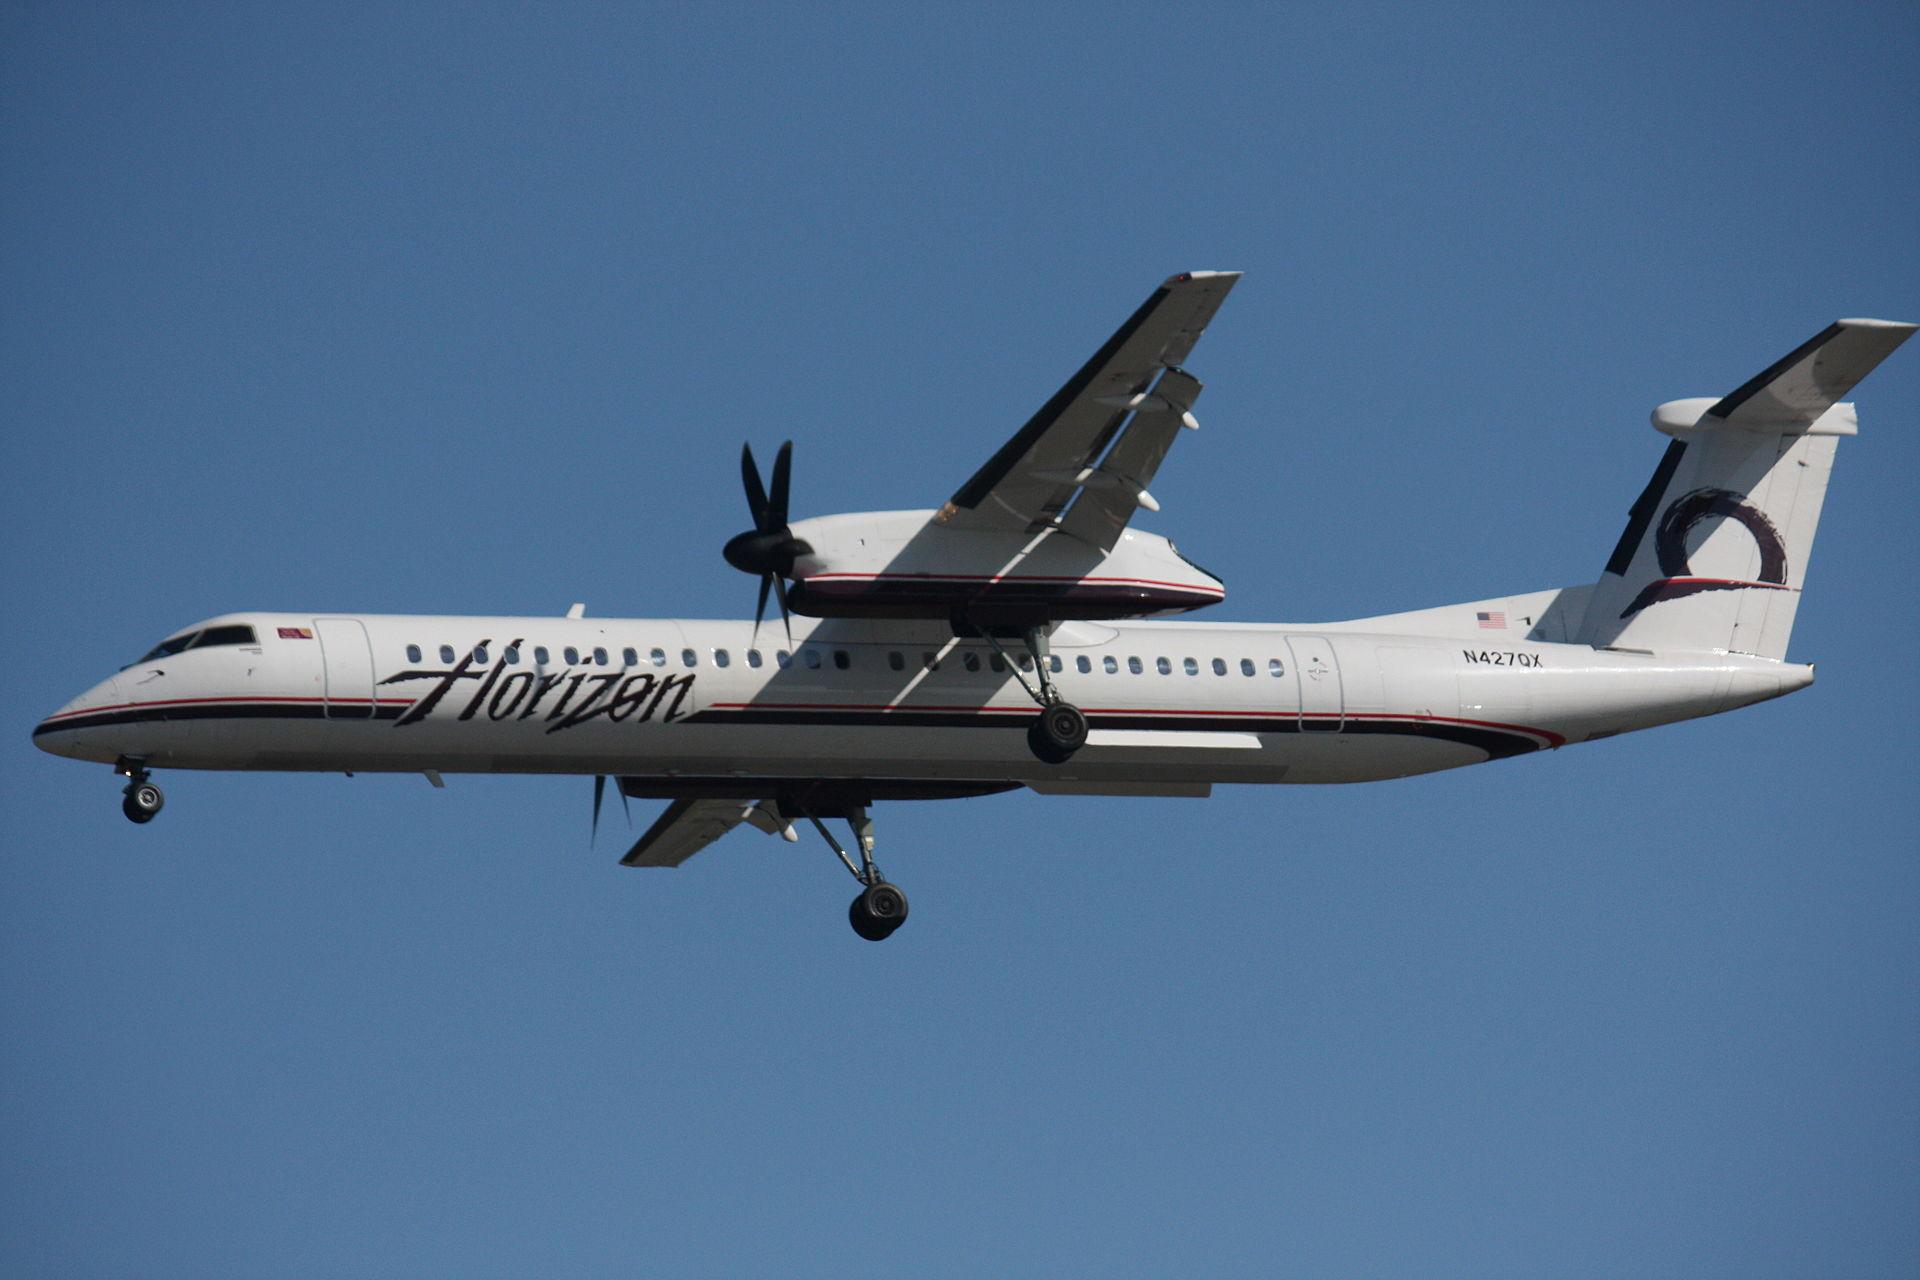 Egy szerelő ellopott egy repülőt a seattle-i reptérről, hogy trükköket mutasson be, vadászgépekkel üldözték, aztán lezuhant